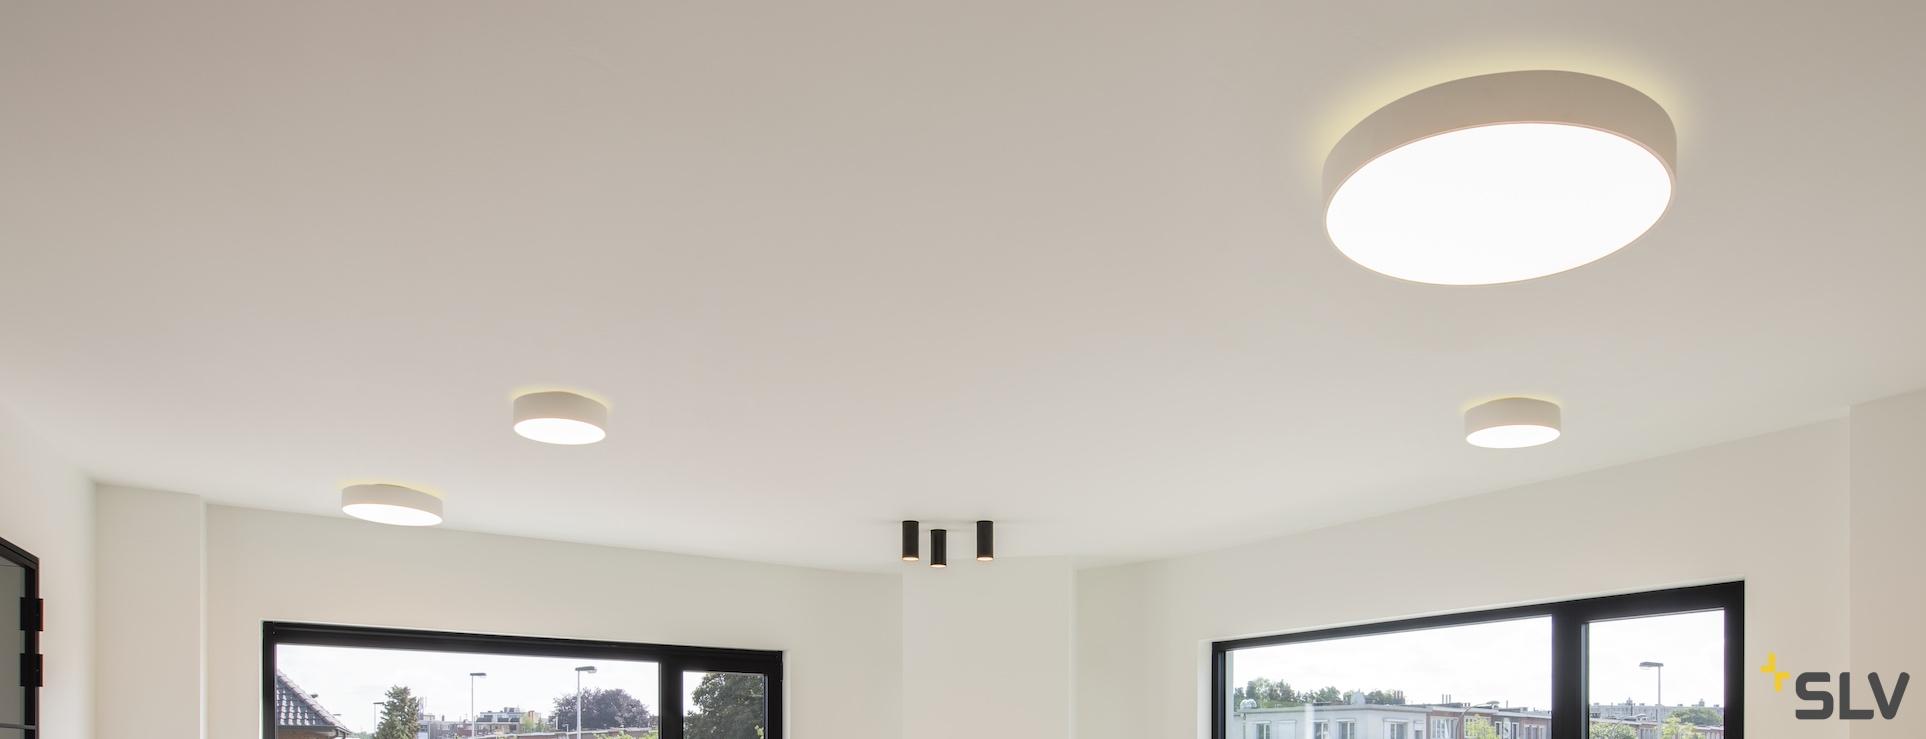 slv-led-deckenleuchten-deckenlampen